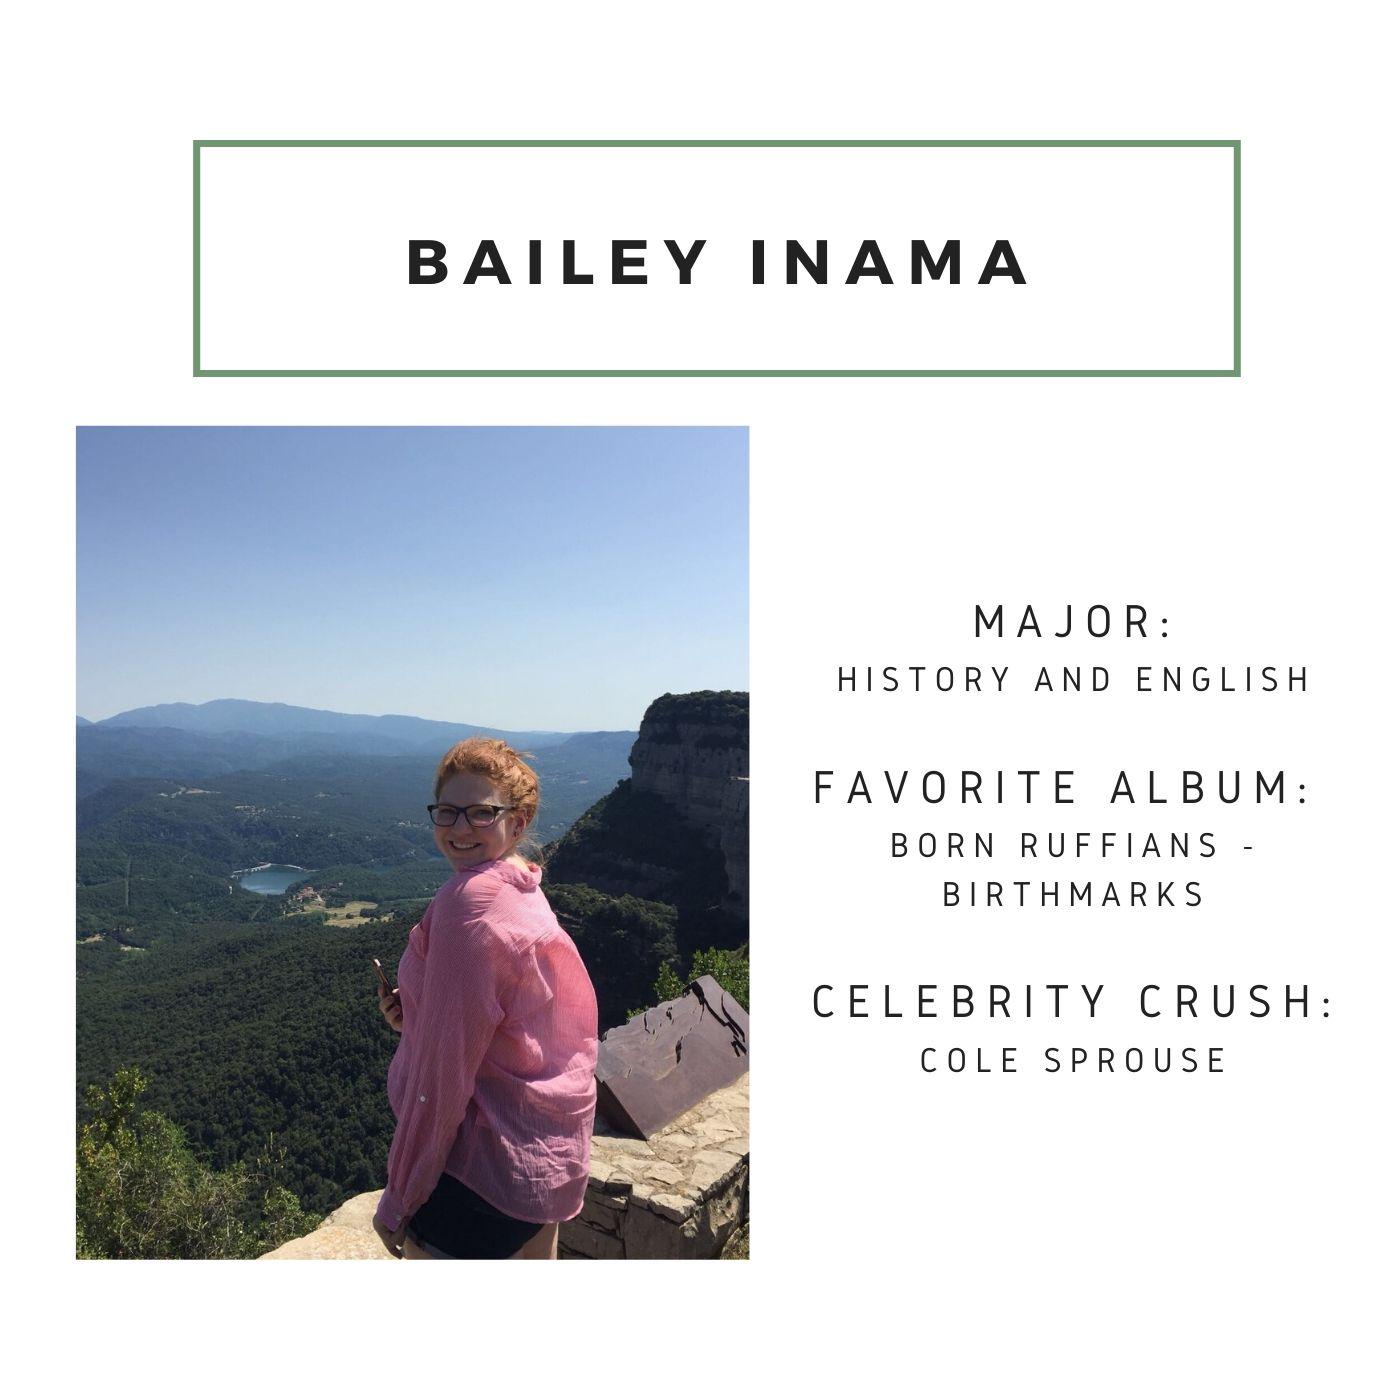 Bailey Inama